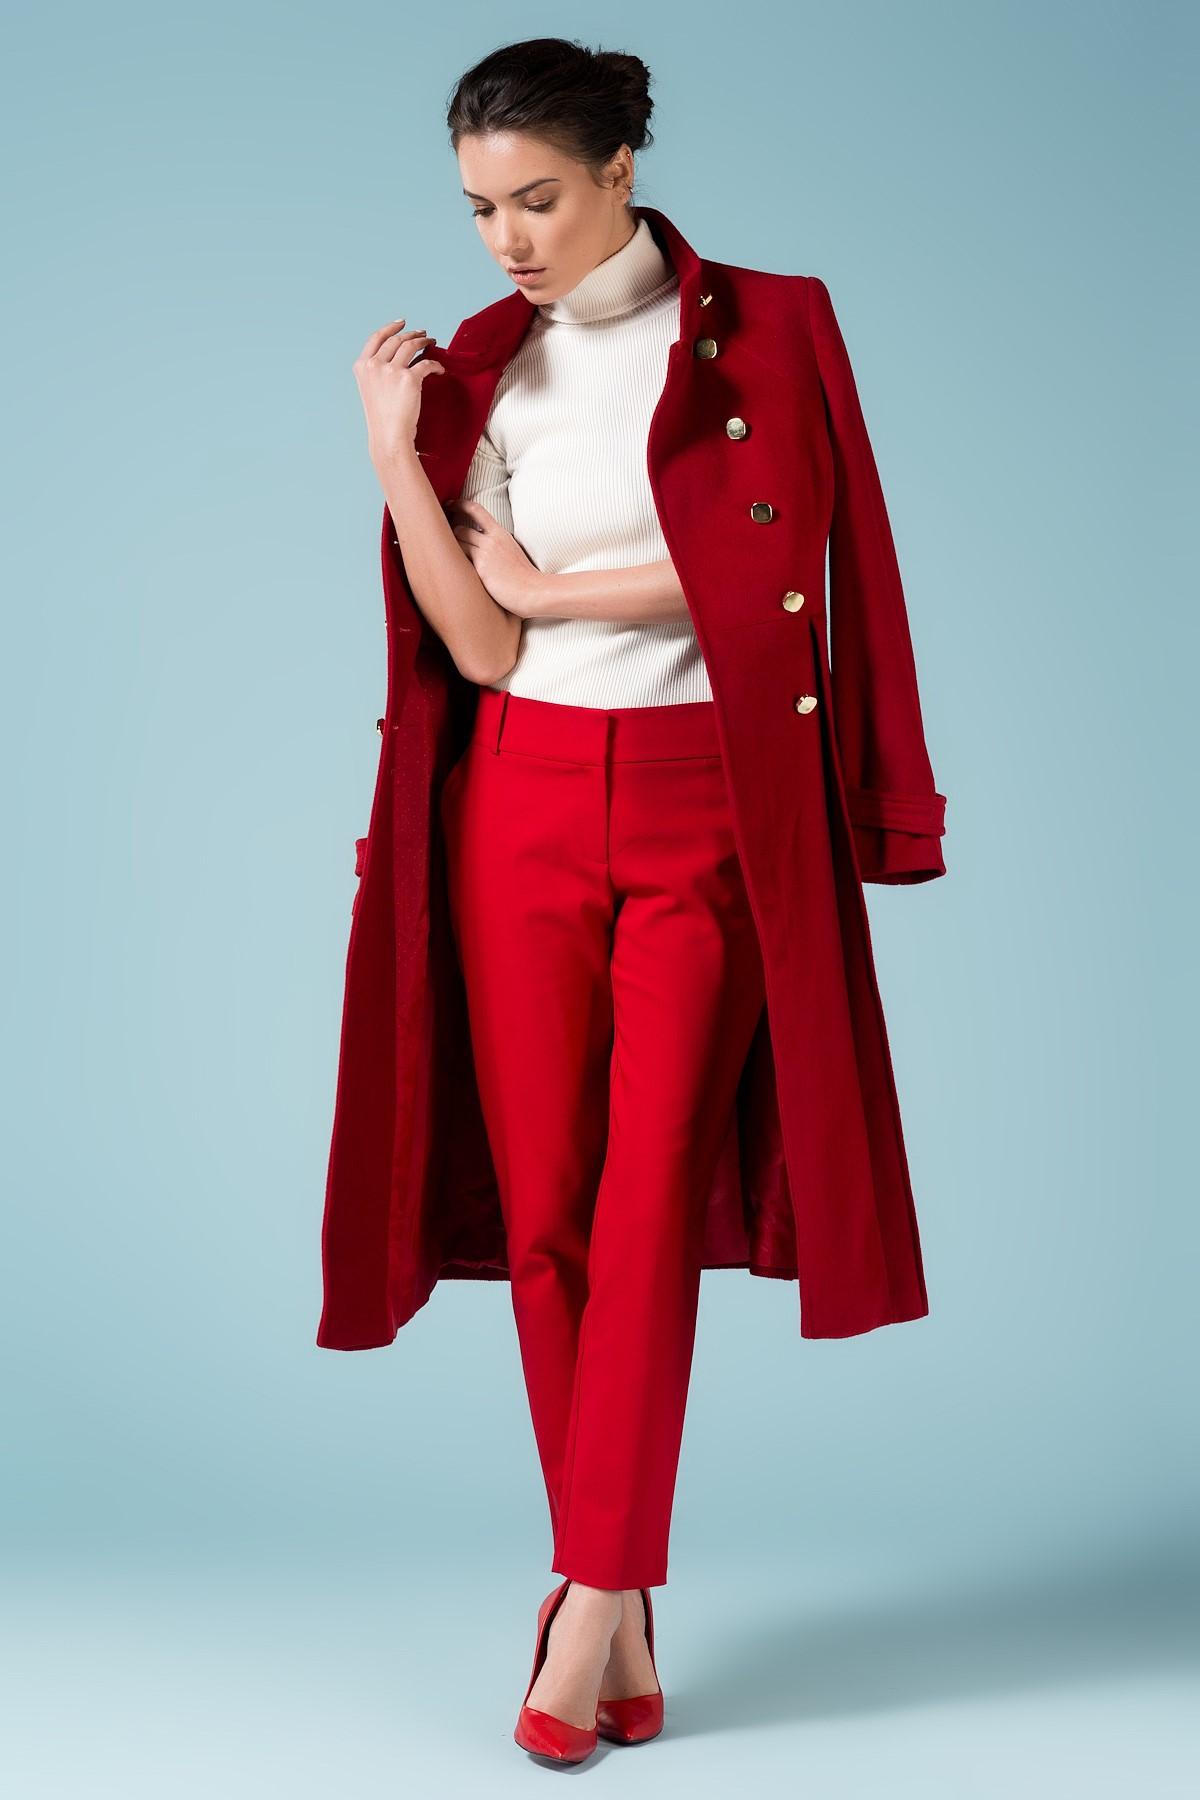 Kırmızı Kaban ve Pantolon Şık 2015 adL Modelleri